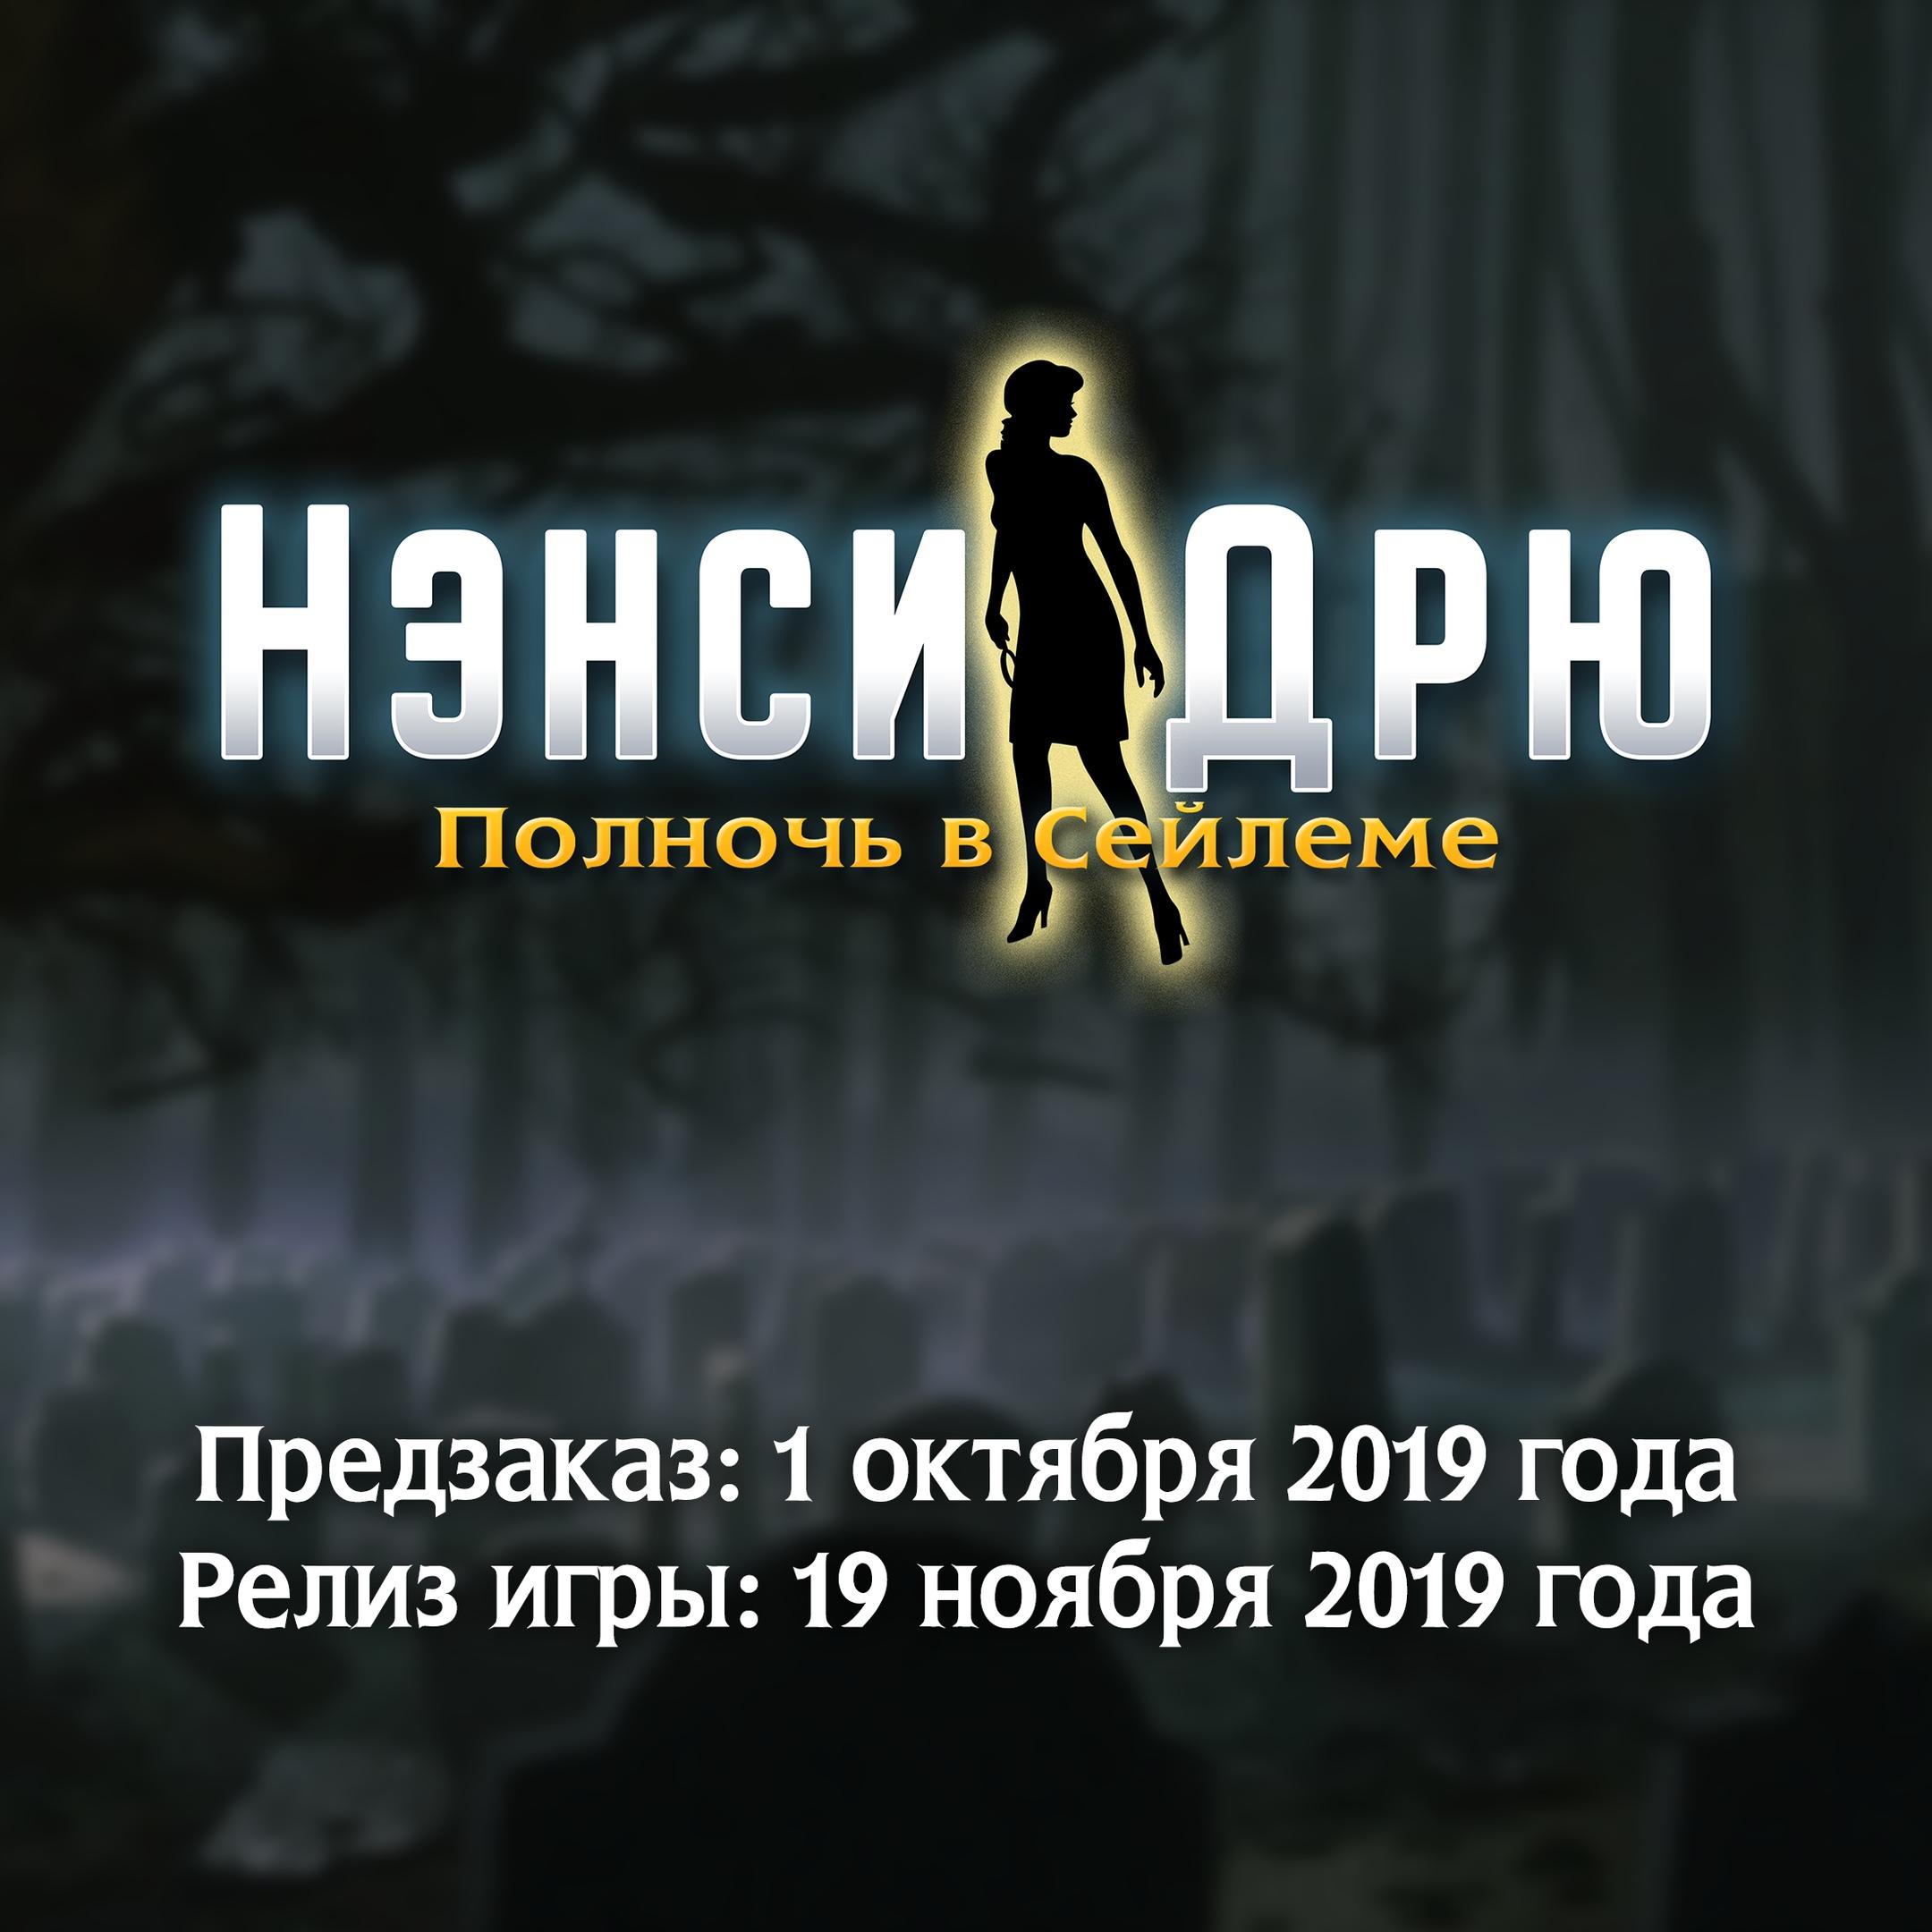 Об игре Midnight In Salem - описание и обсуждение